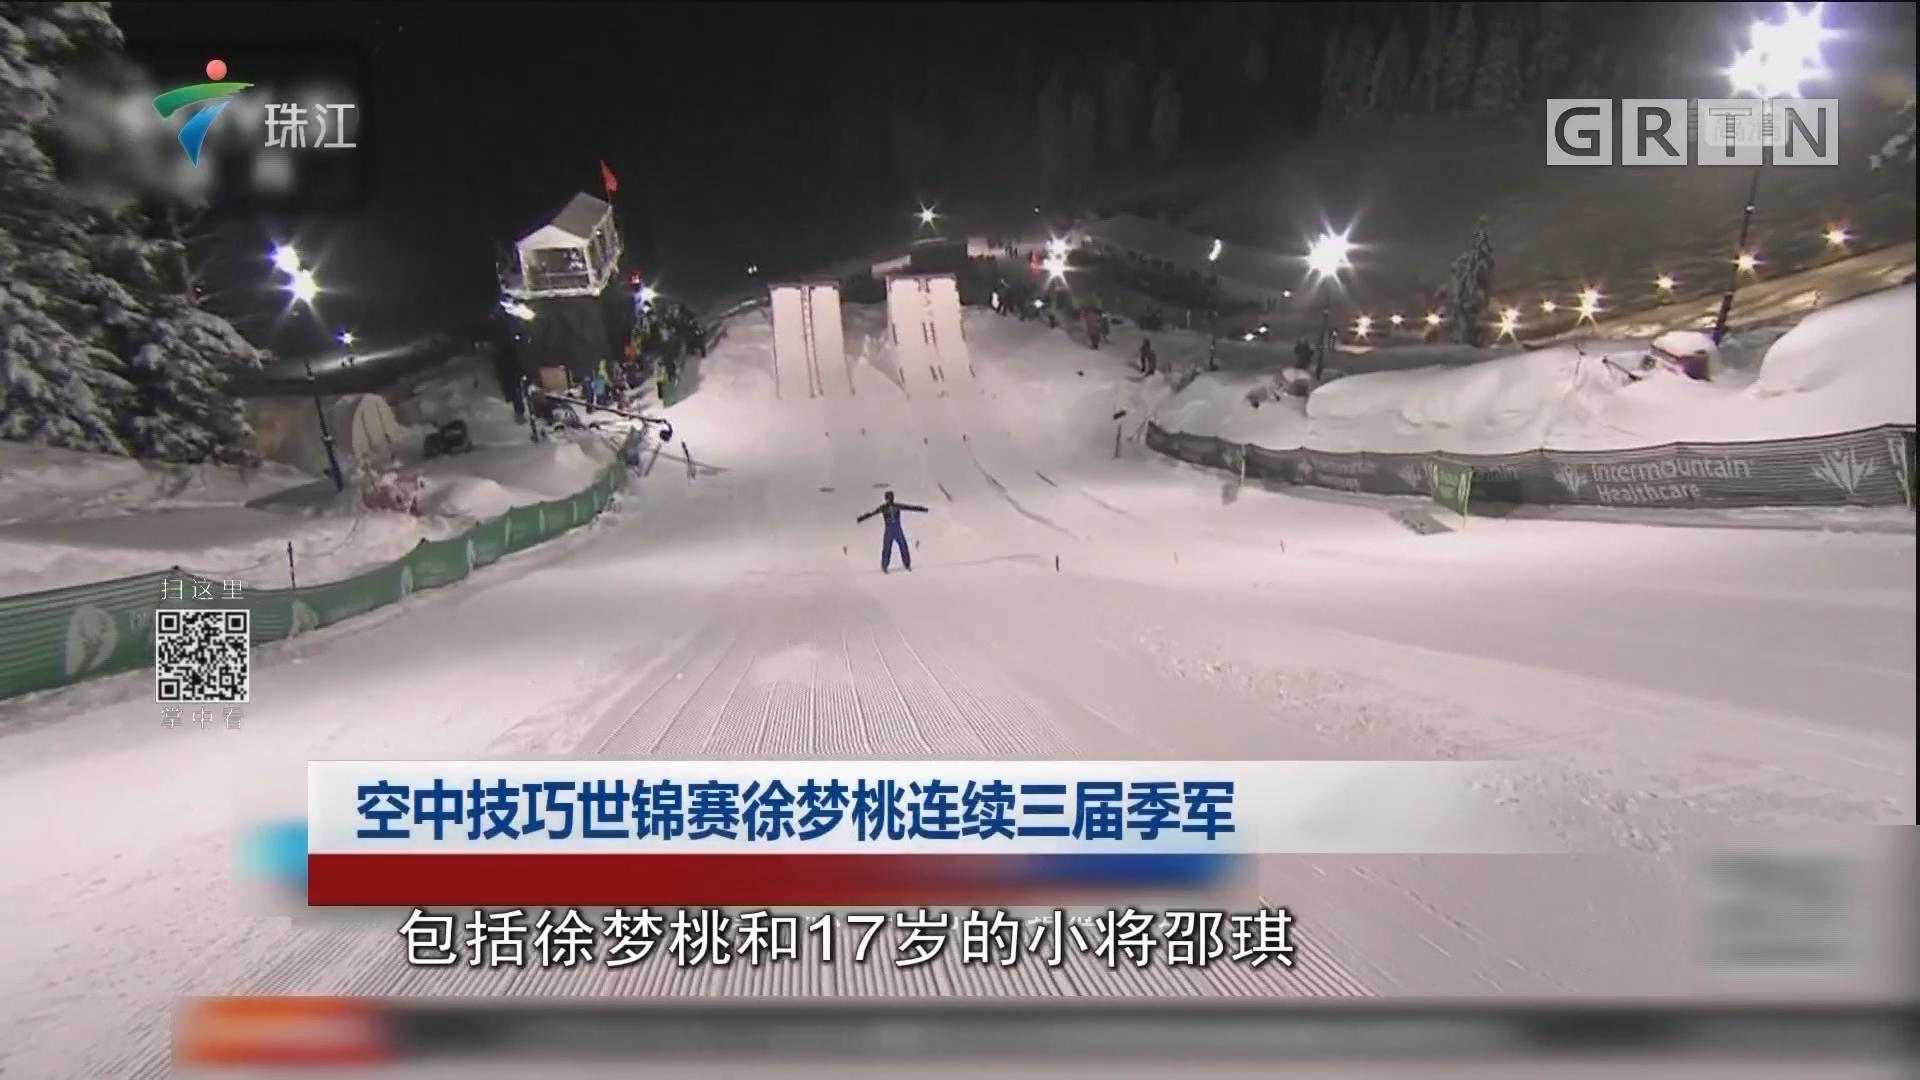 空中技巧世锦赛徐梦桃连续三届季军